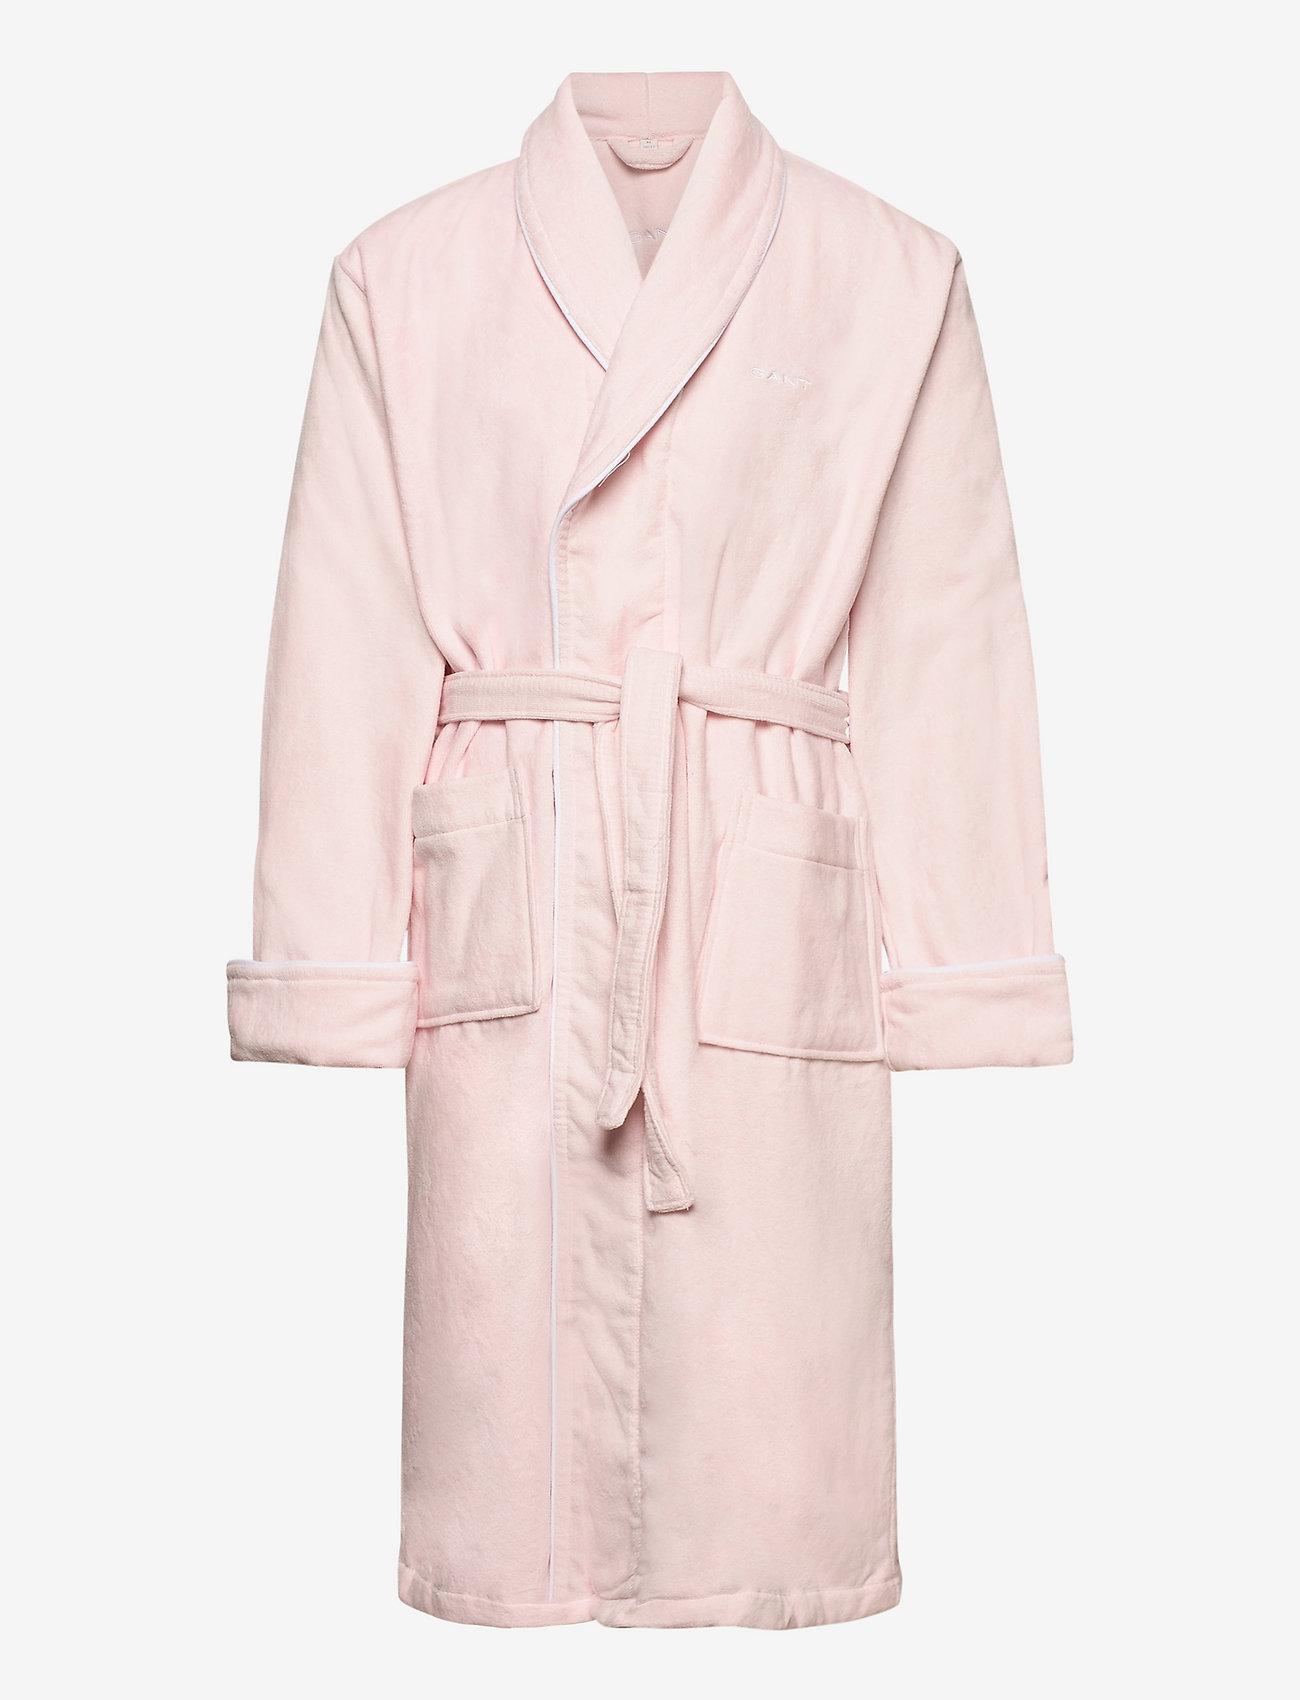 GANT - ORGANIC PREMIUM  ROBE - kleding - nantucket pink - 0